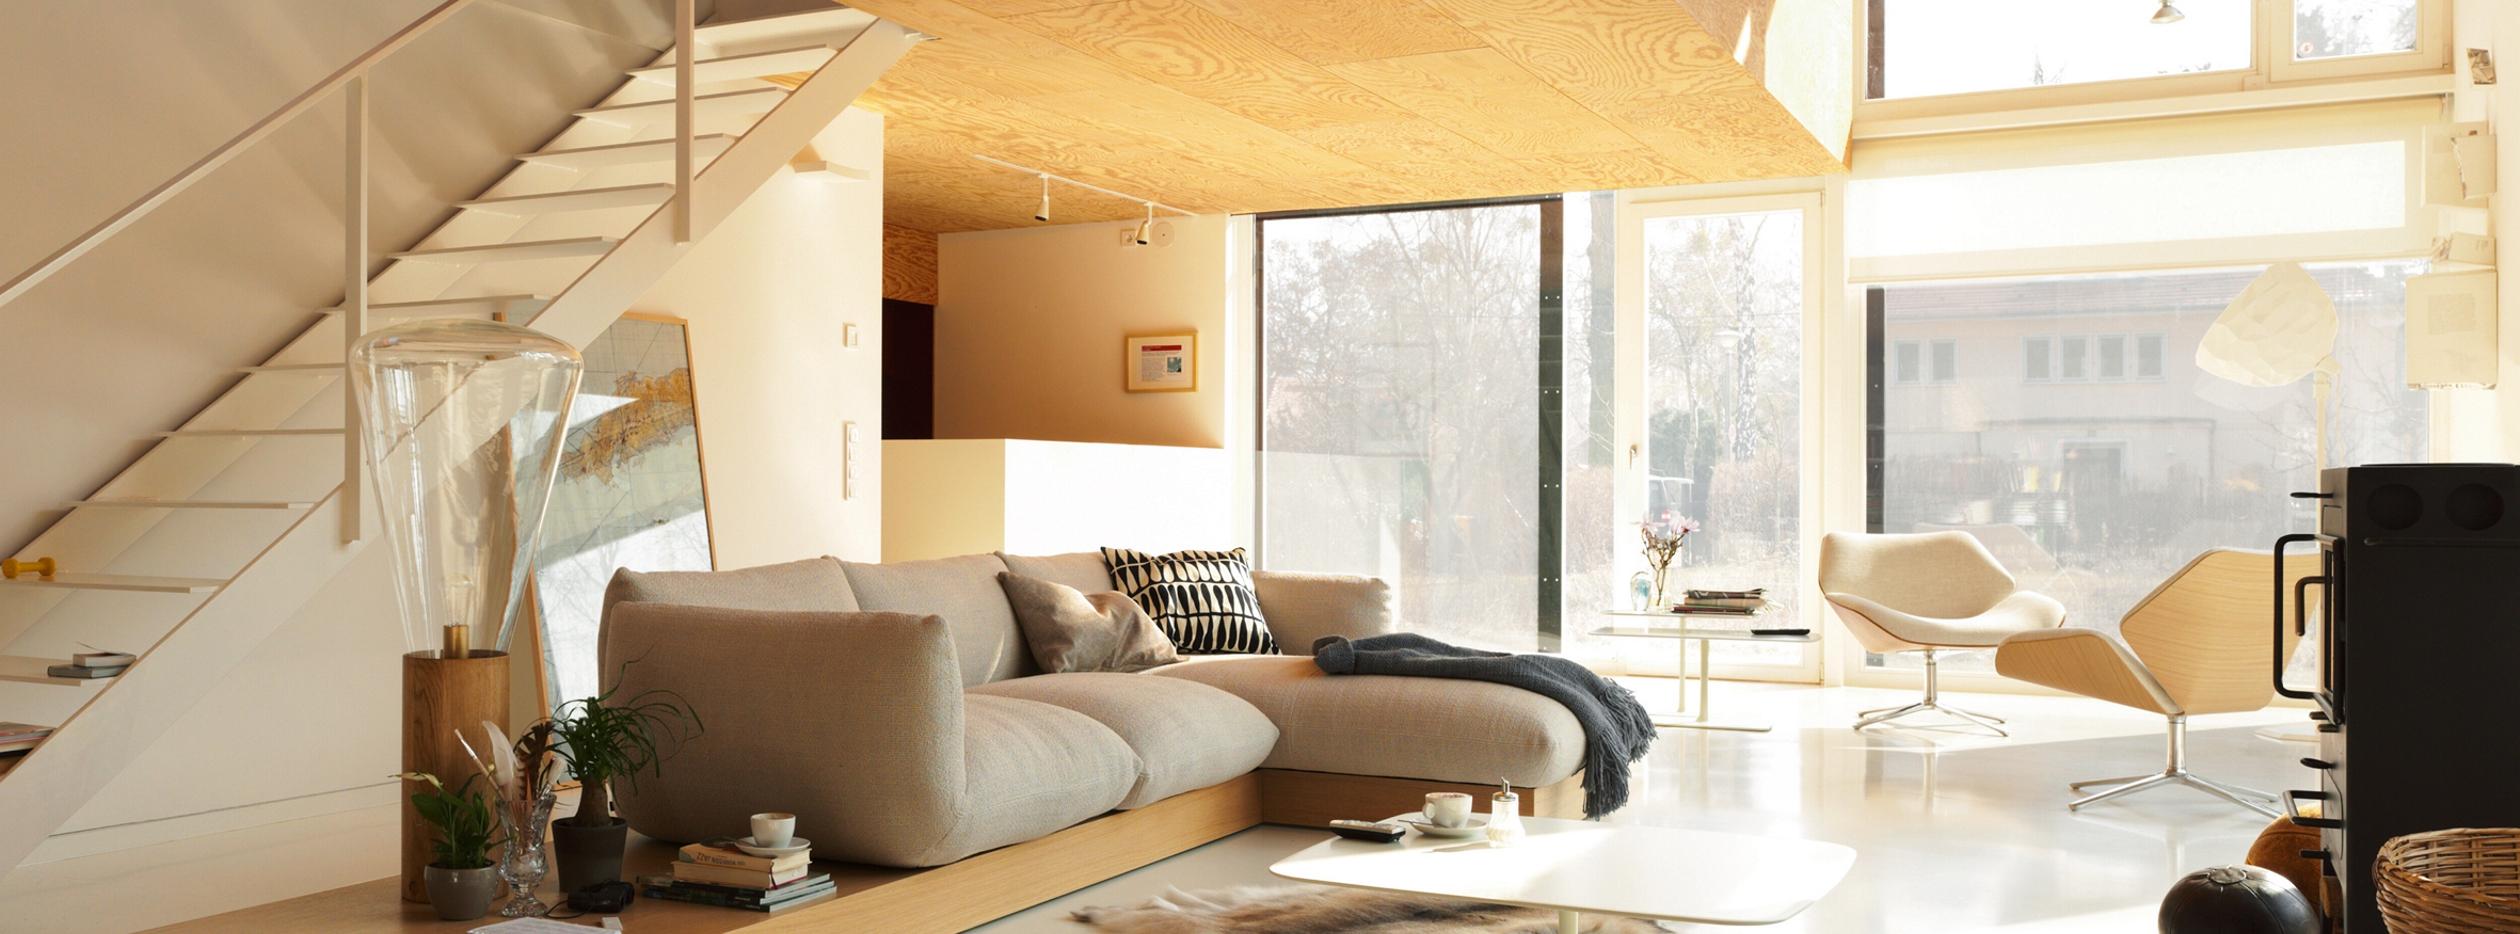 Möbelhaus Essen möbelhaus wohnen essen schlafzimmer designermöbel weiden